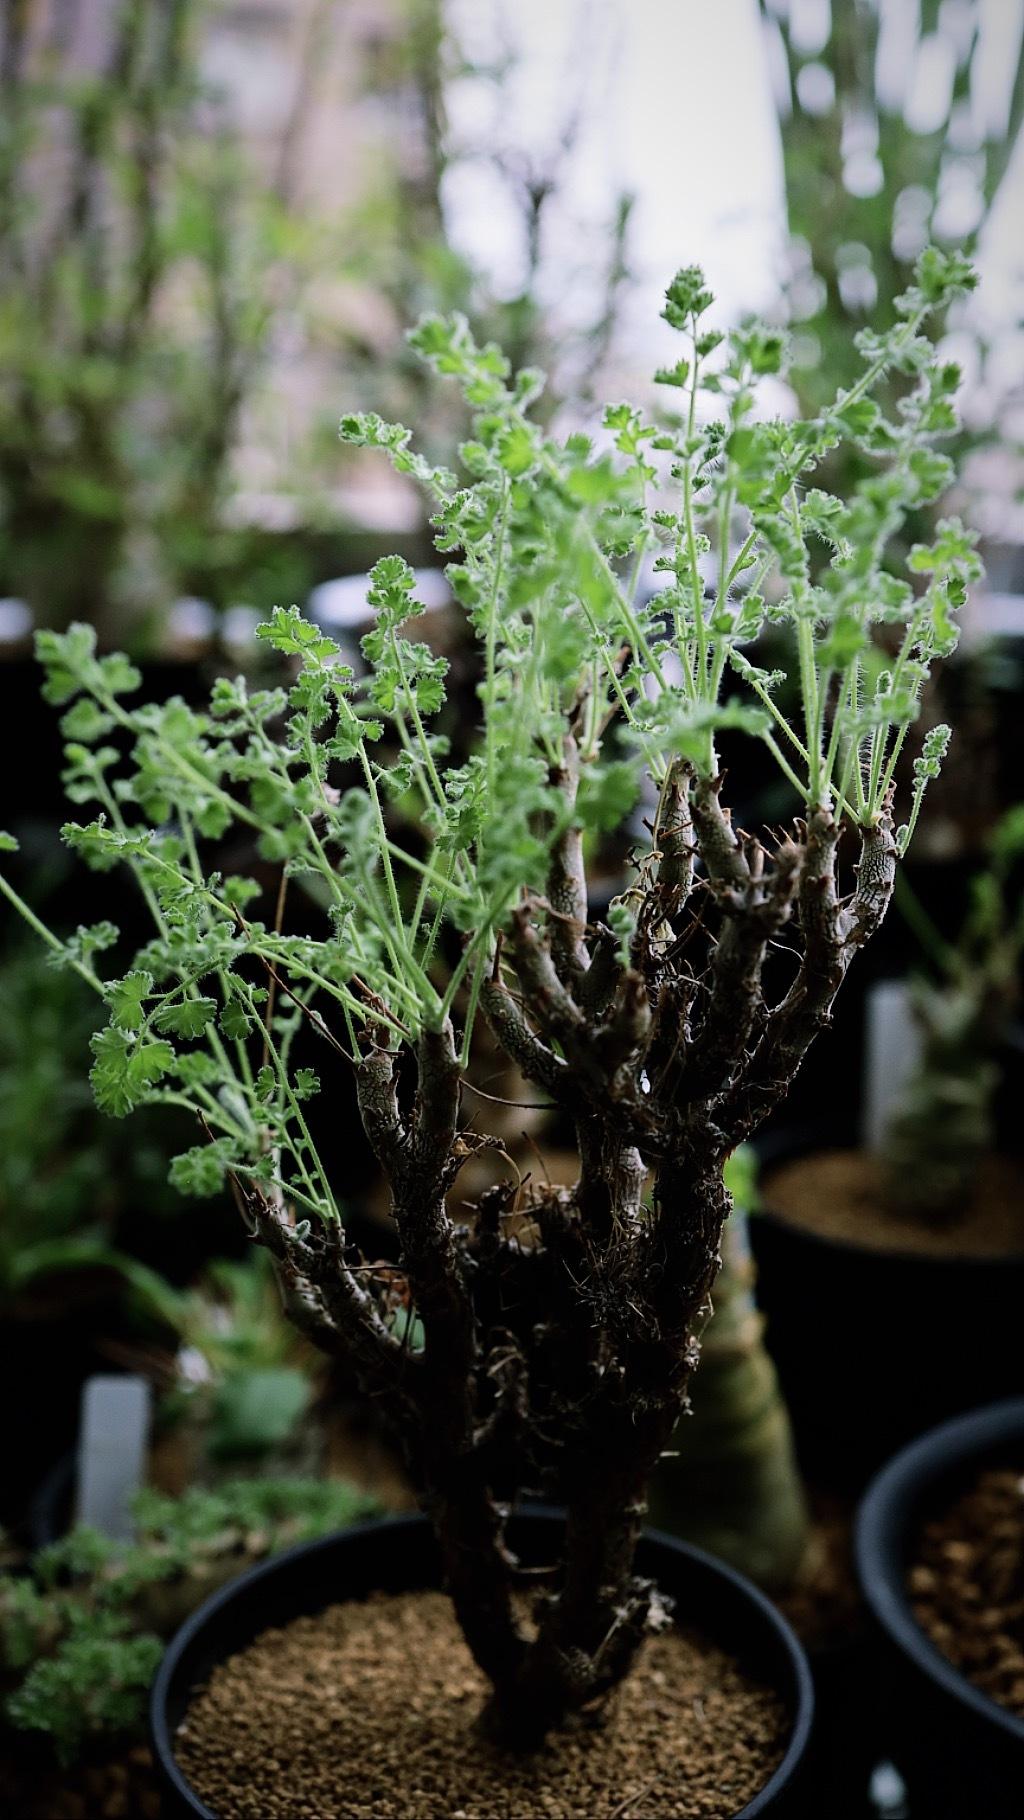 ペラルゴニウム・アルテルナンス | Pelargonium alternans